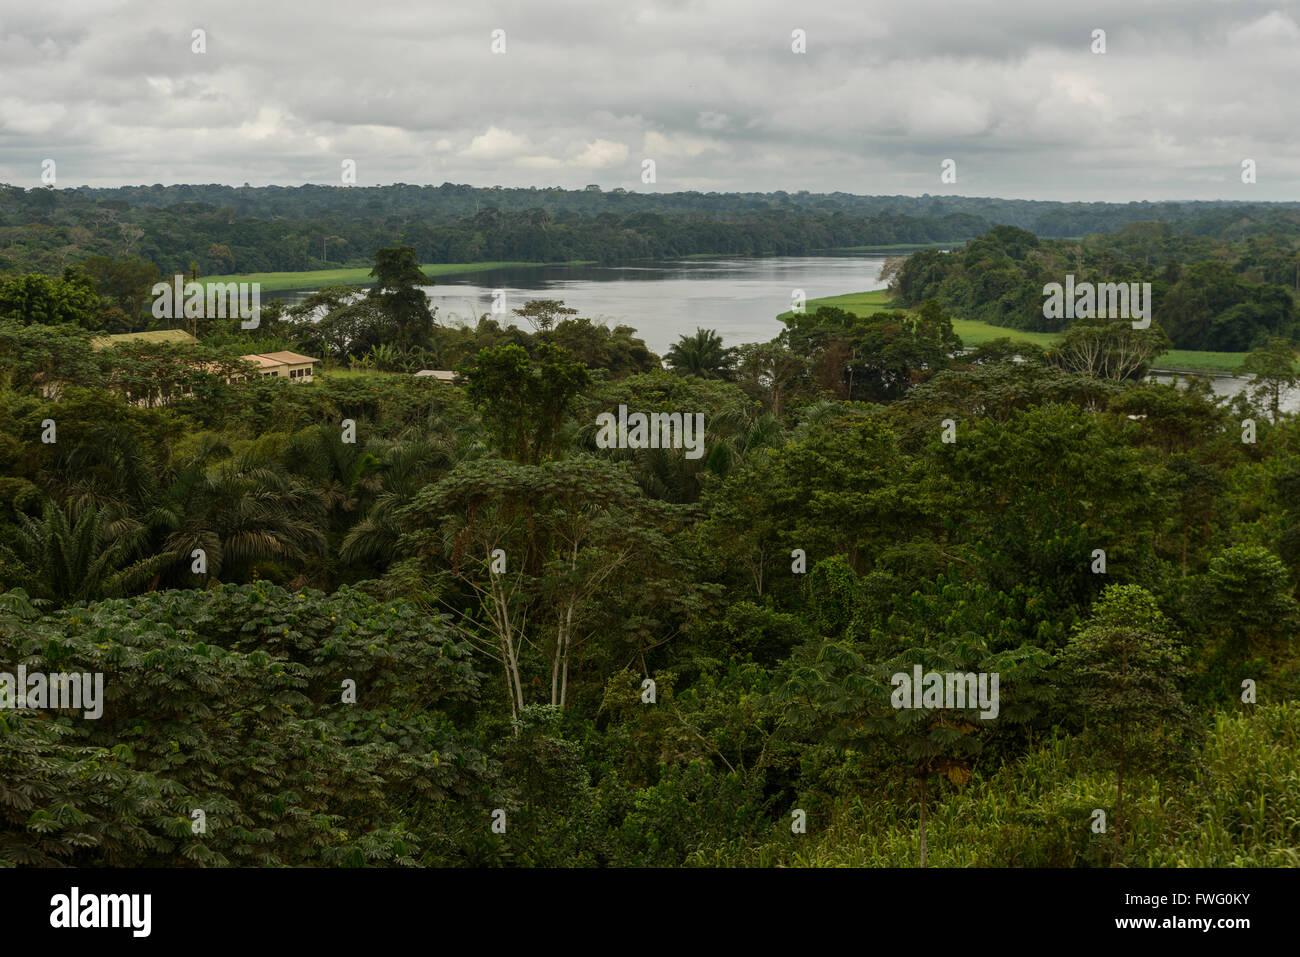 Les rivières de la forêt tropicale, le Gabon, l'Afrique Centrale Banque D'Images